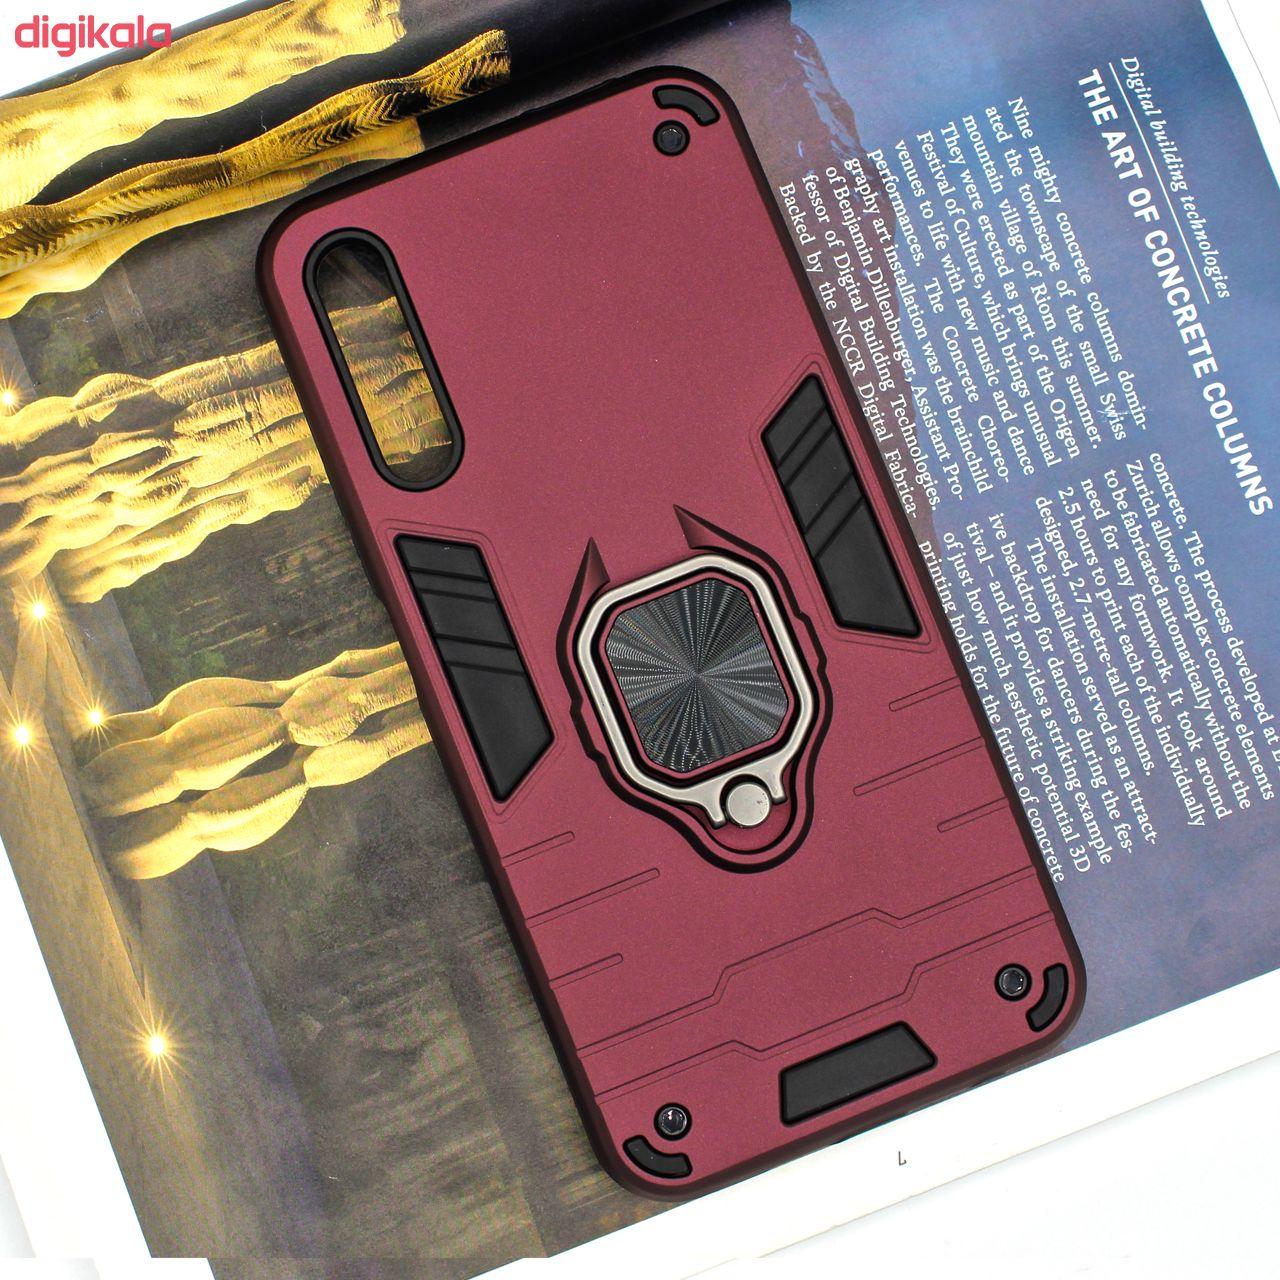 کاور کینگ پاور مدل ASH22 مناسب برای گوشی موبایل هوآوی Y9s main 1 10